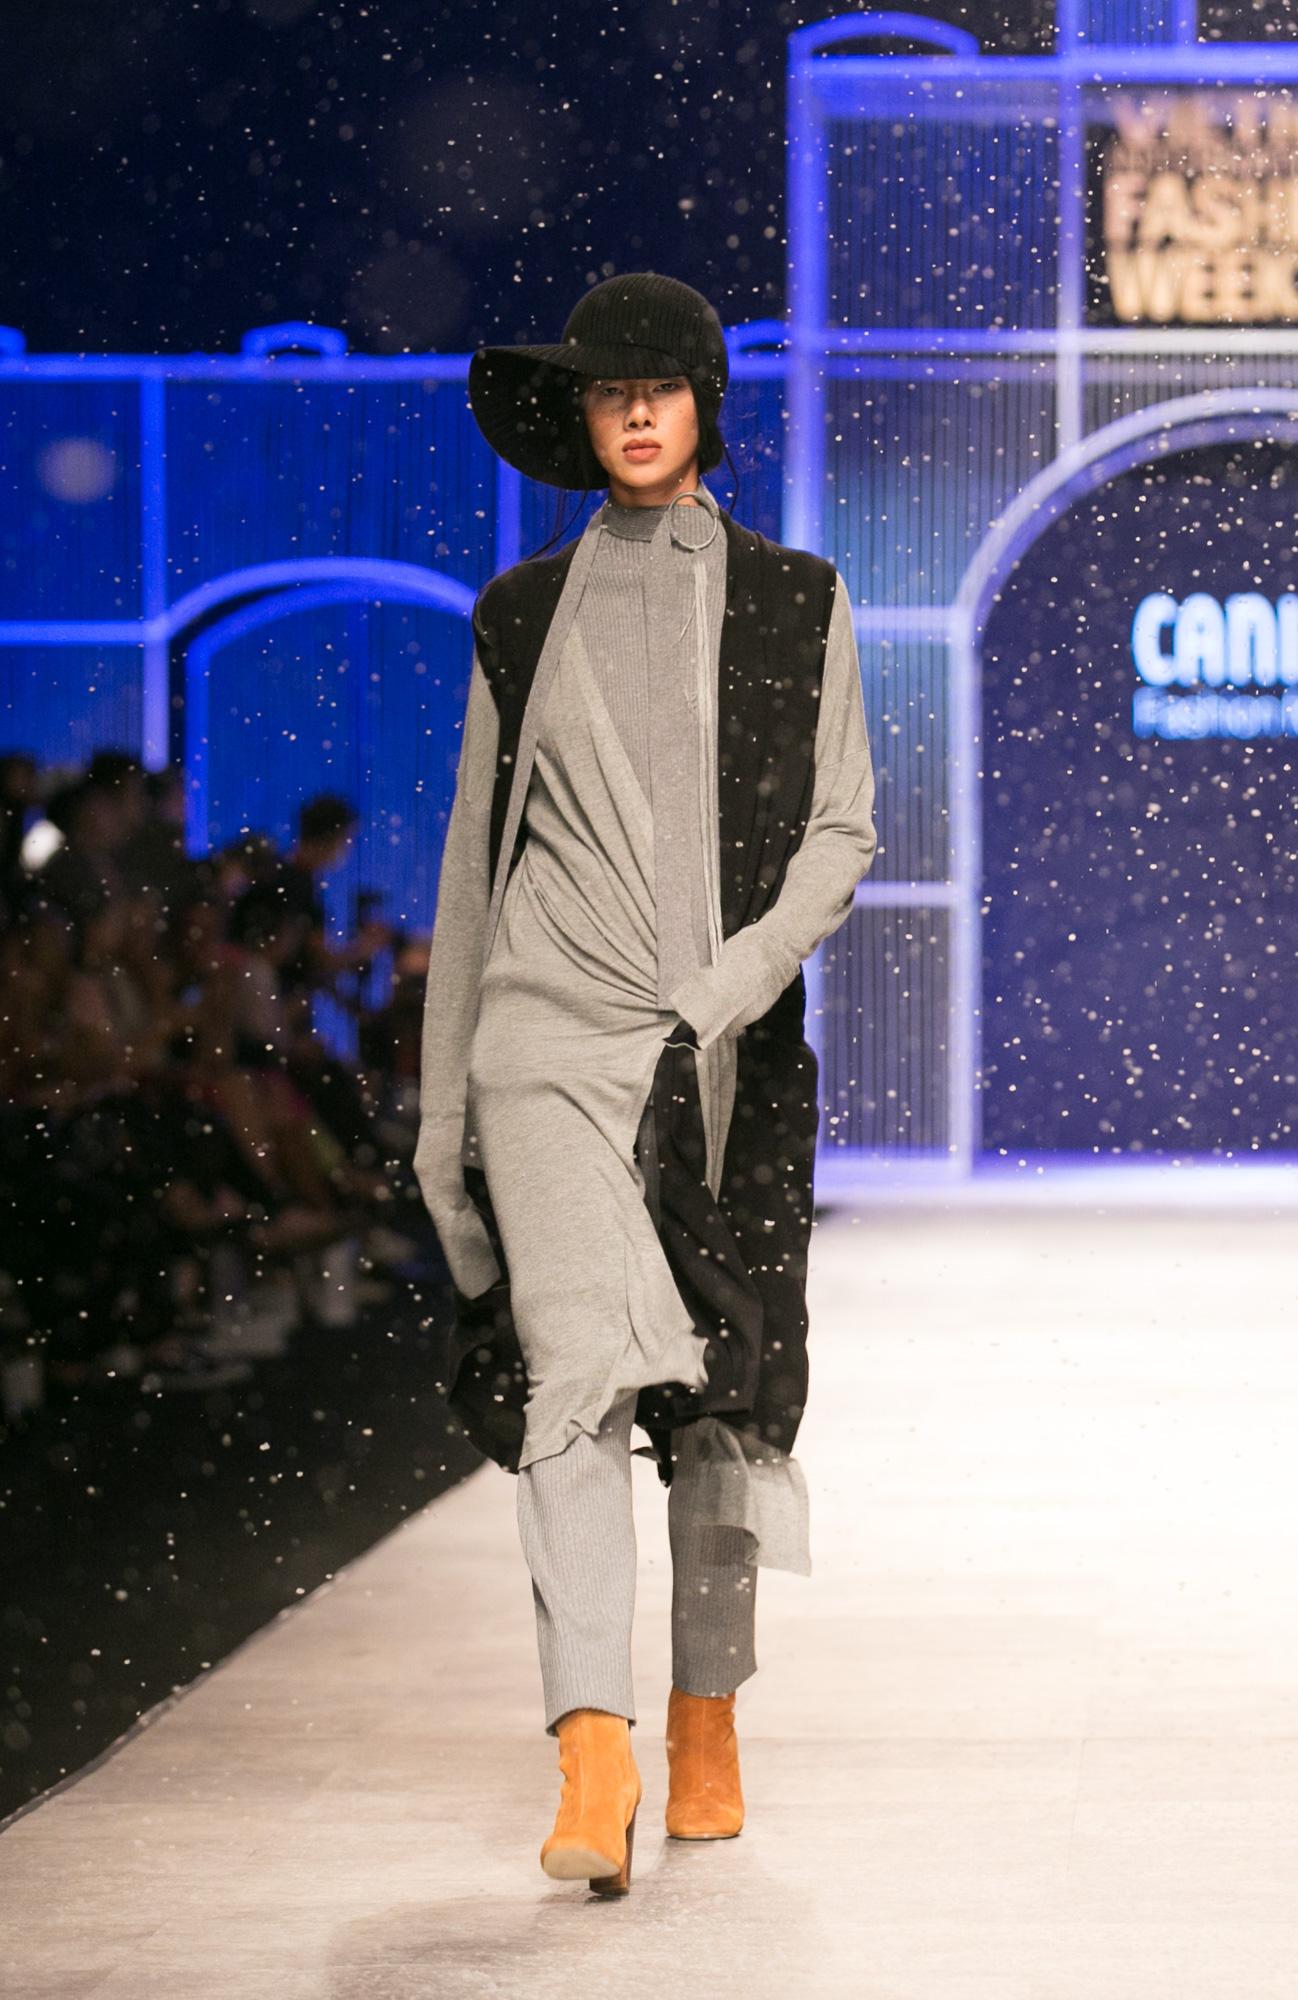 CANIFA-02